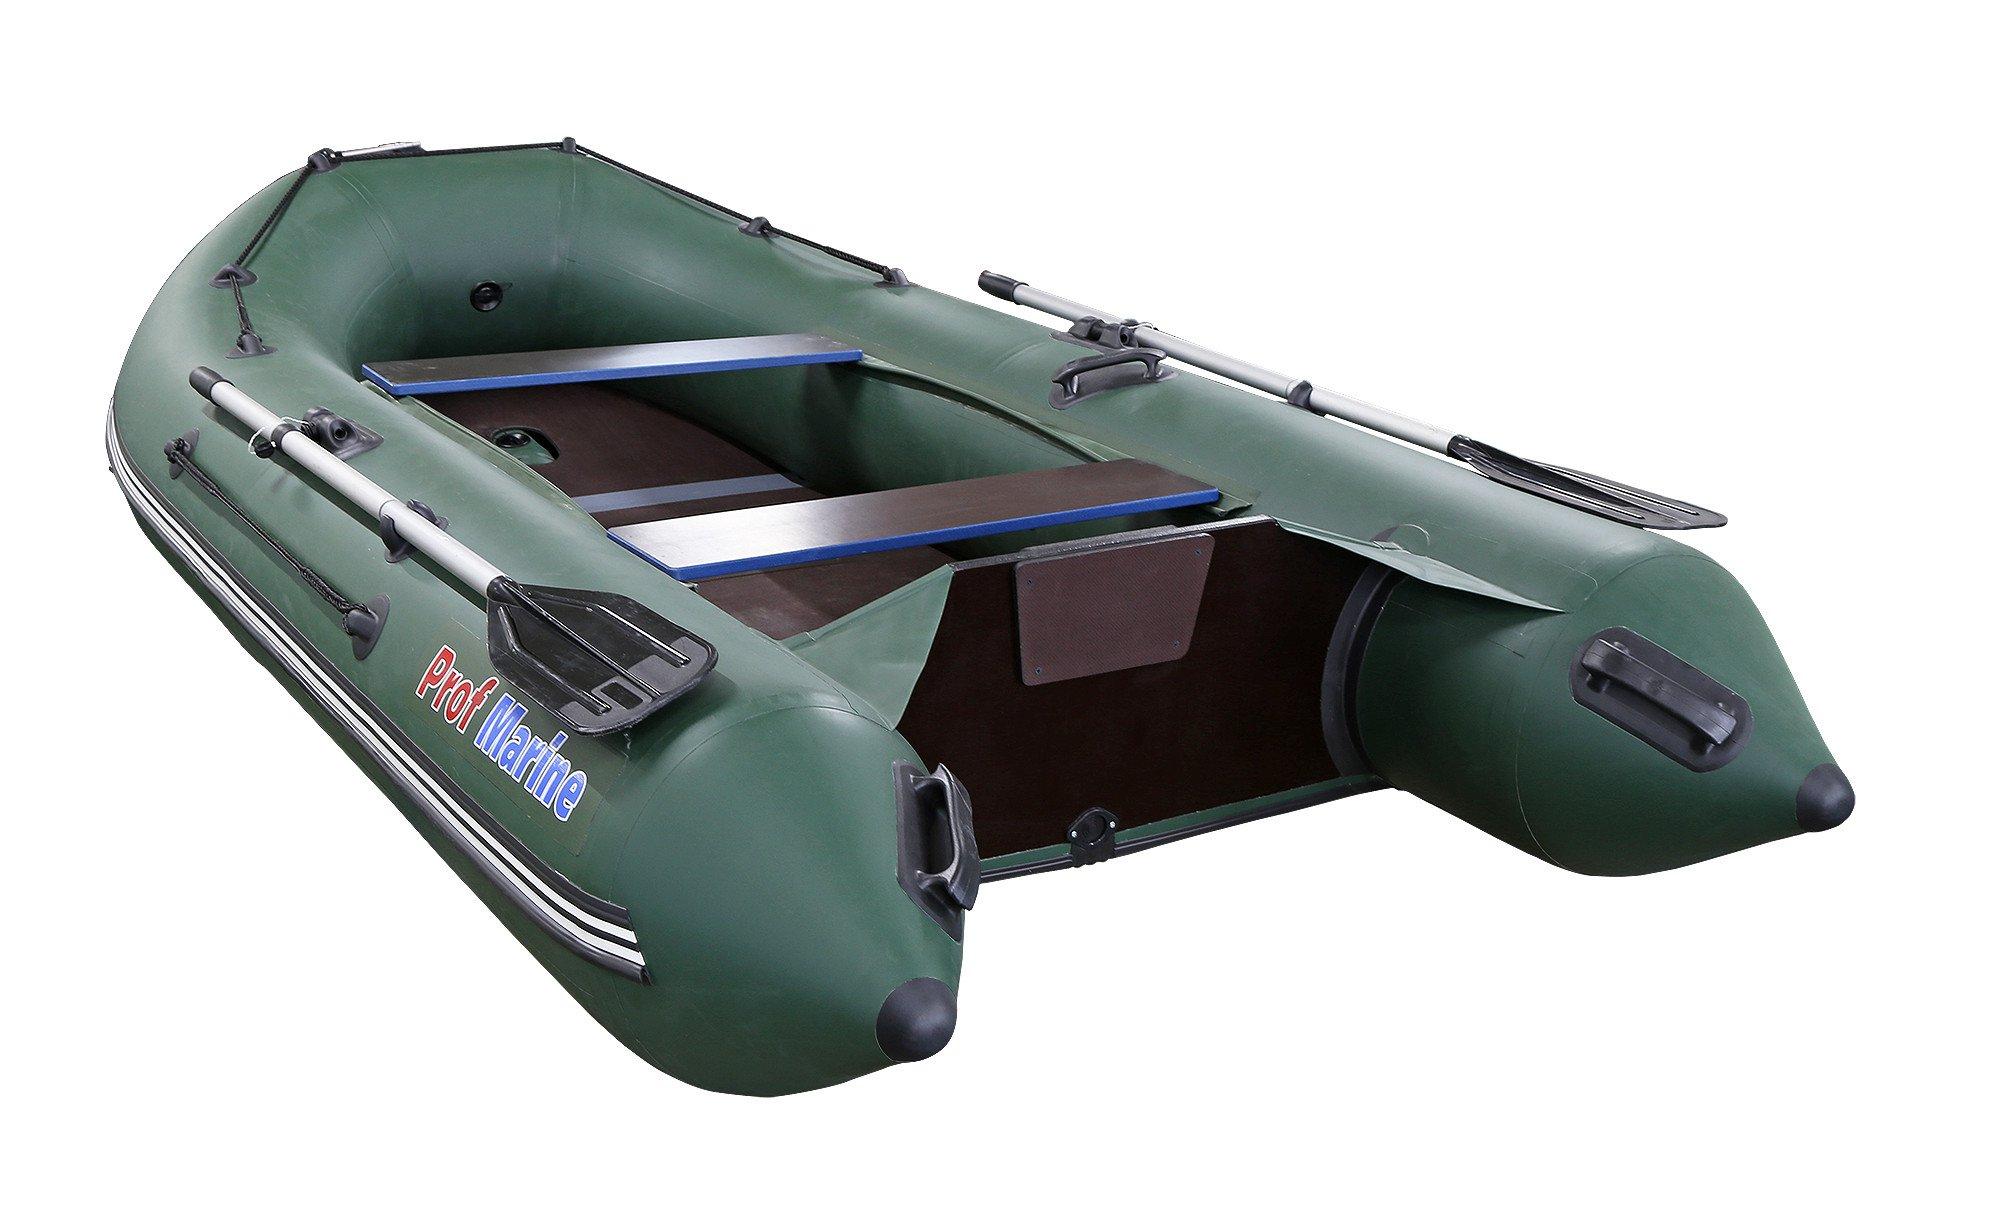 плотность пвх для лодок стингрей